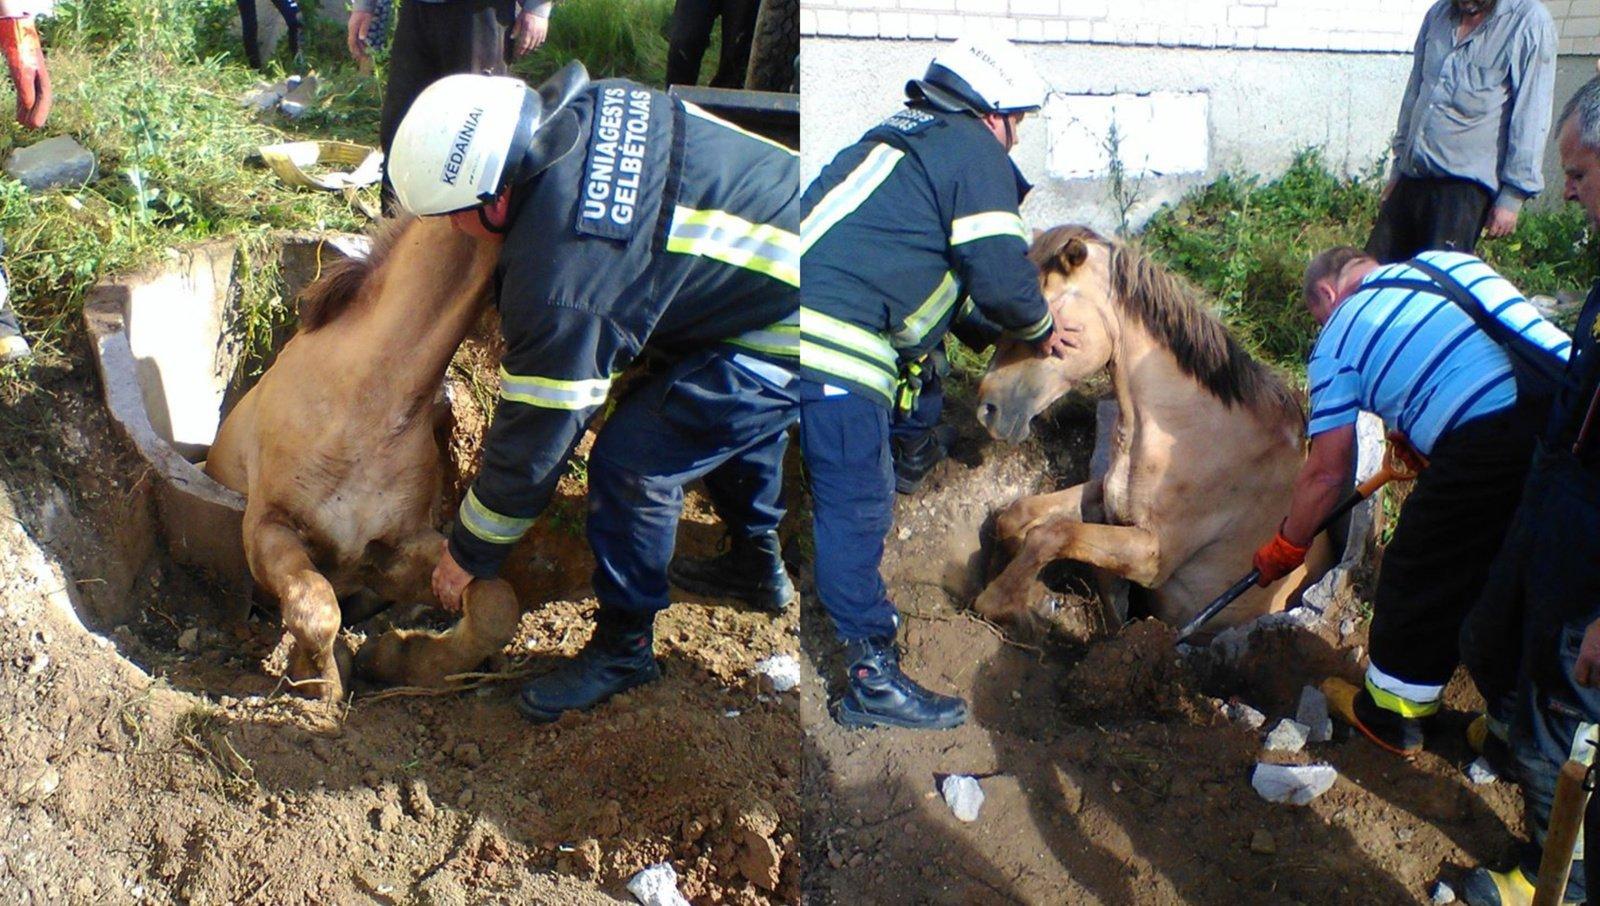 Krakių ugniagesiai išgelbėjo į šulinį įkritusį arklį